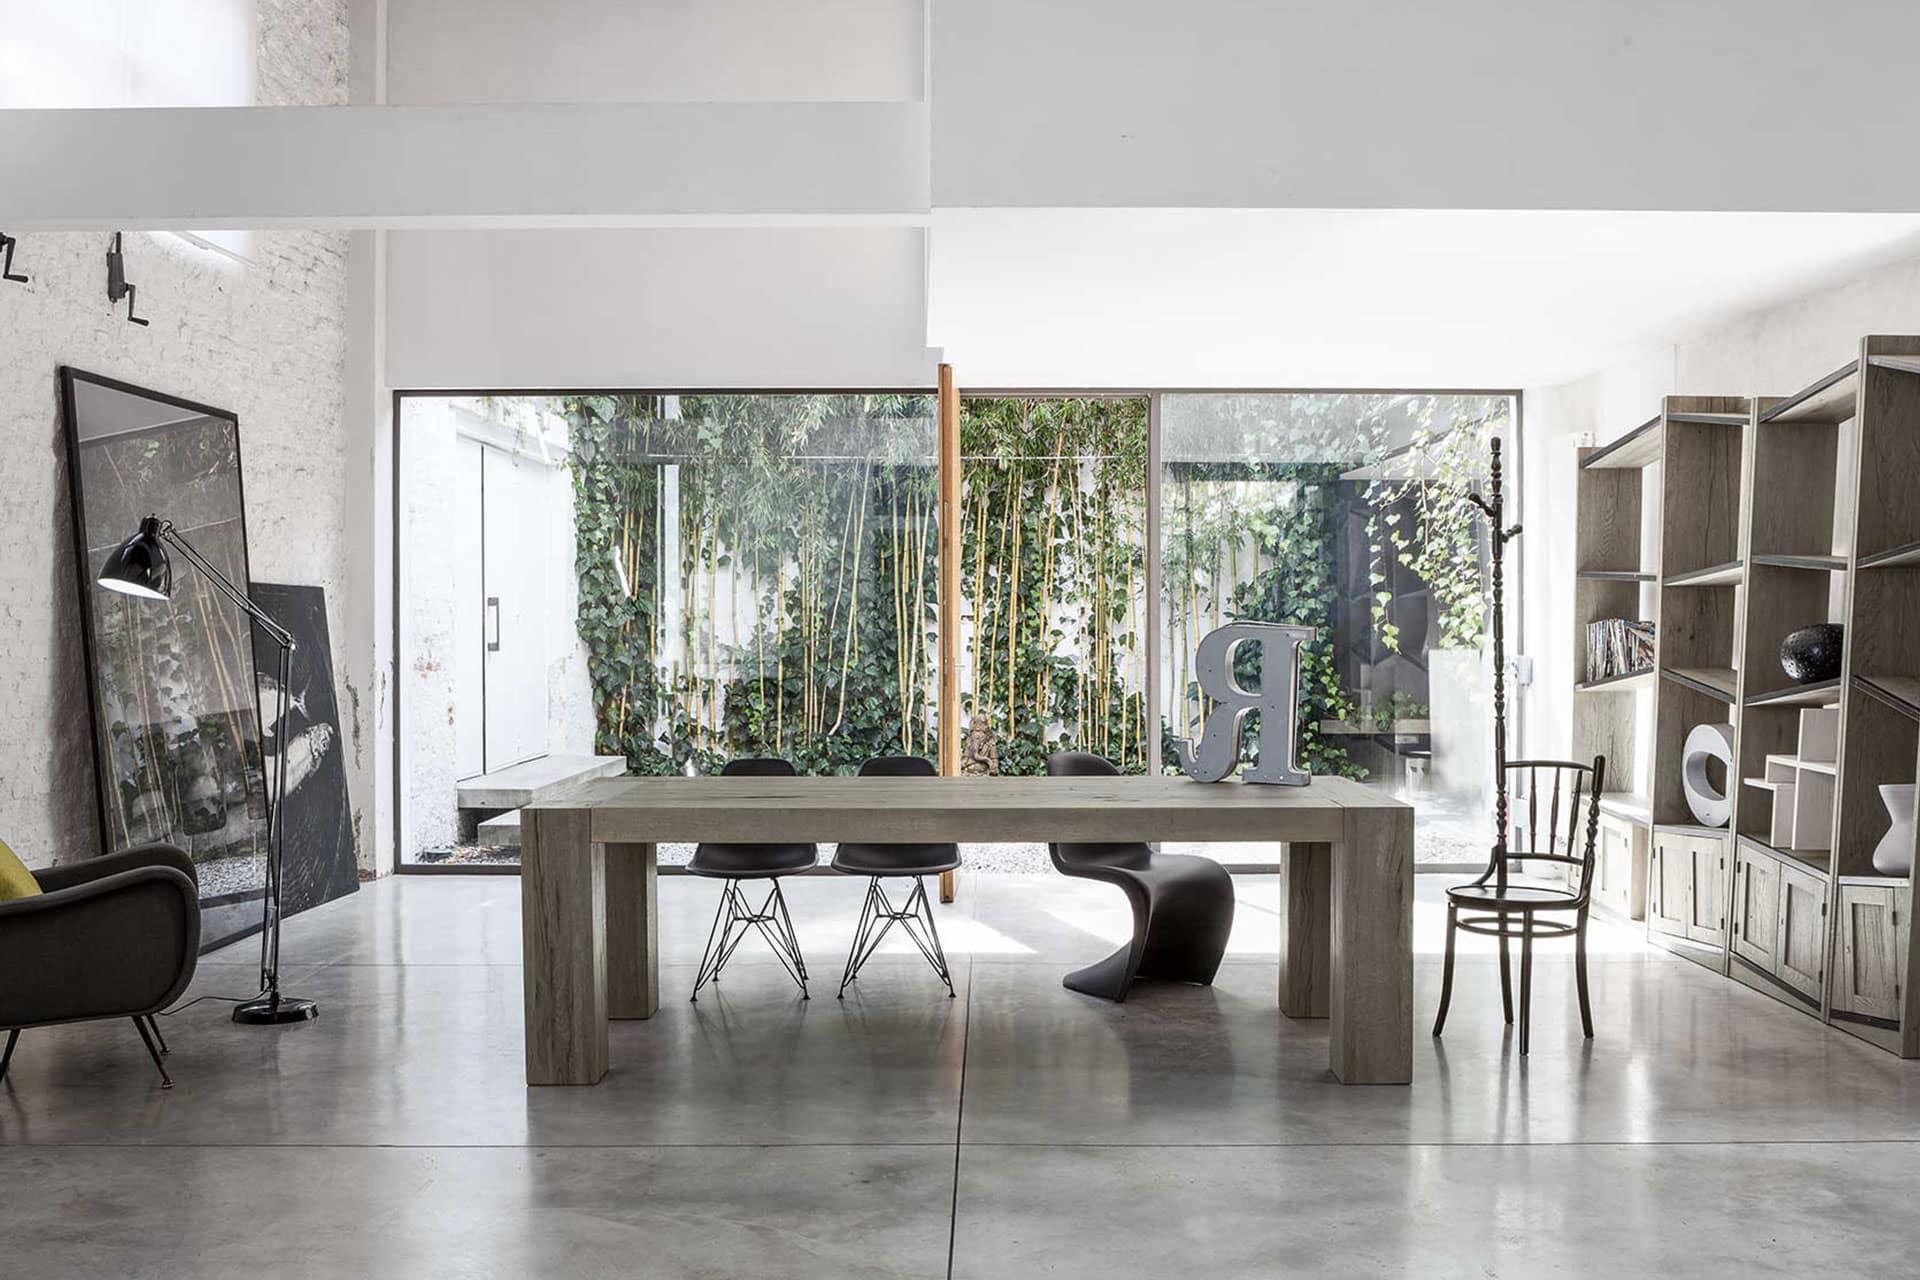 Mobilificio MB Arreda Progettazione e realizzazione di Tavoli e sedie su misura e rivendita dei migliori marchi Made in Italy